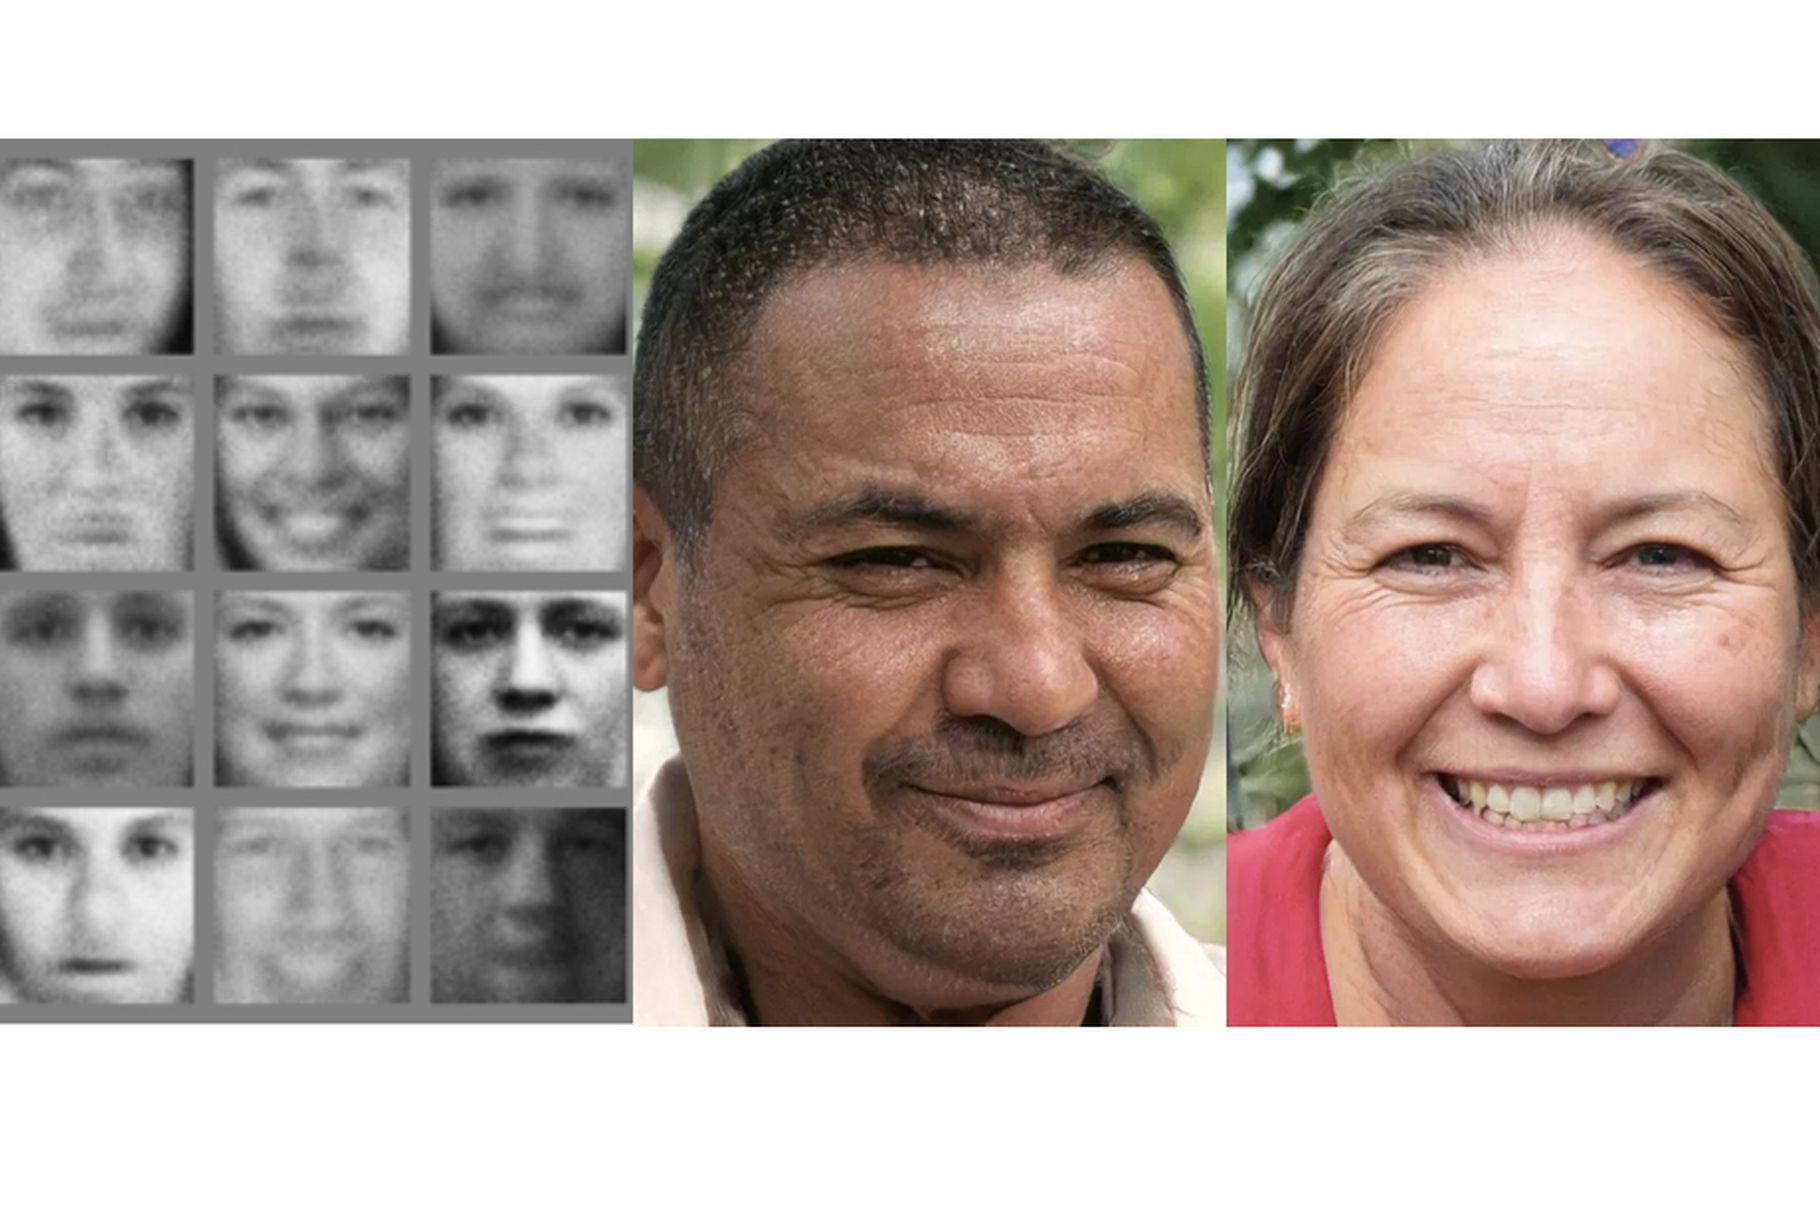 맨 왼쪽: 2014년 당시 GAN이 만들어낸 인공 얼굴. 오른쪽 둘: 2018년의 GAN이 만들어낸 인공 얼굴.